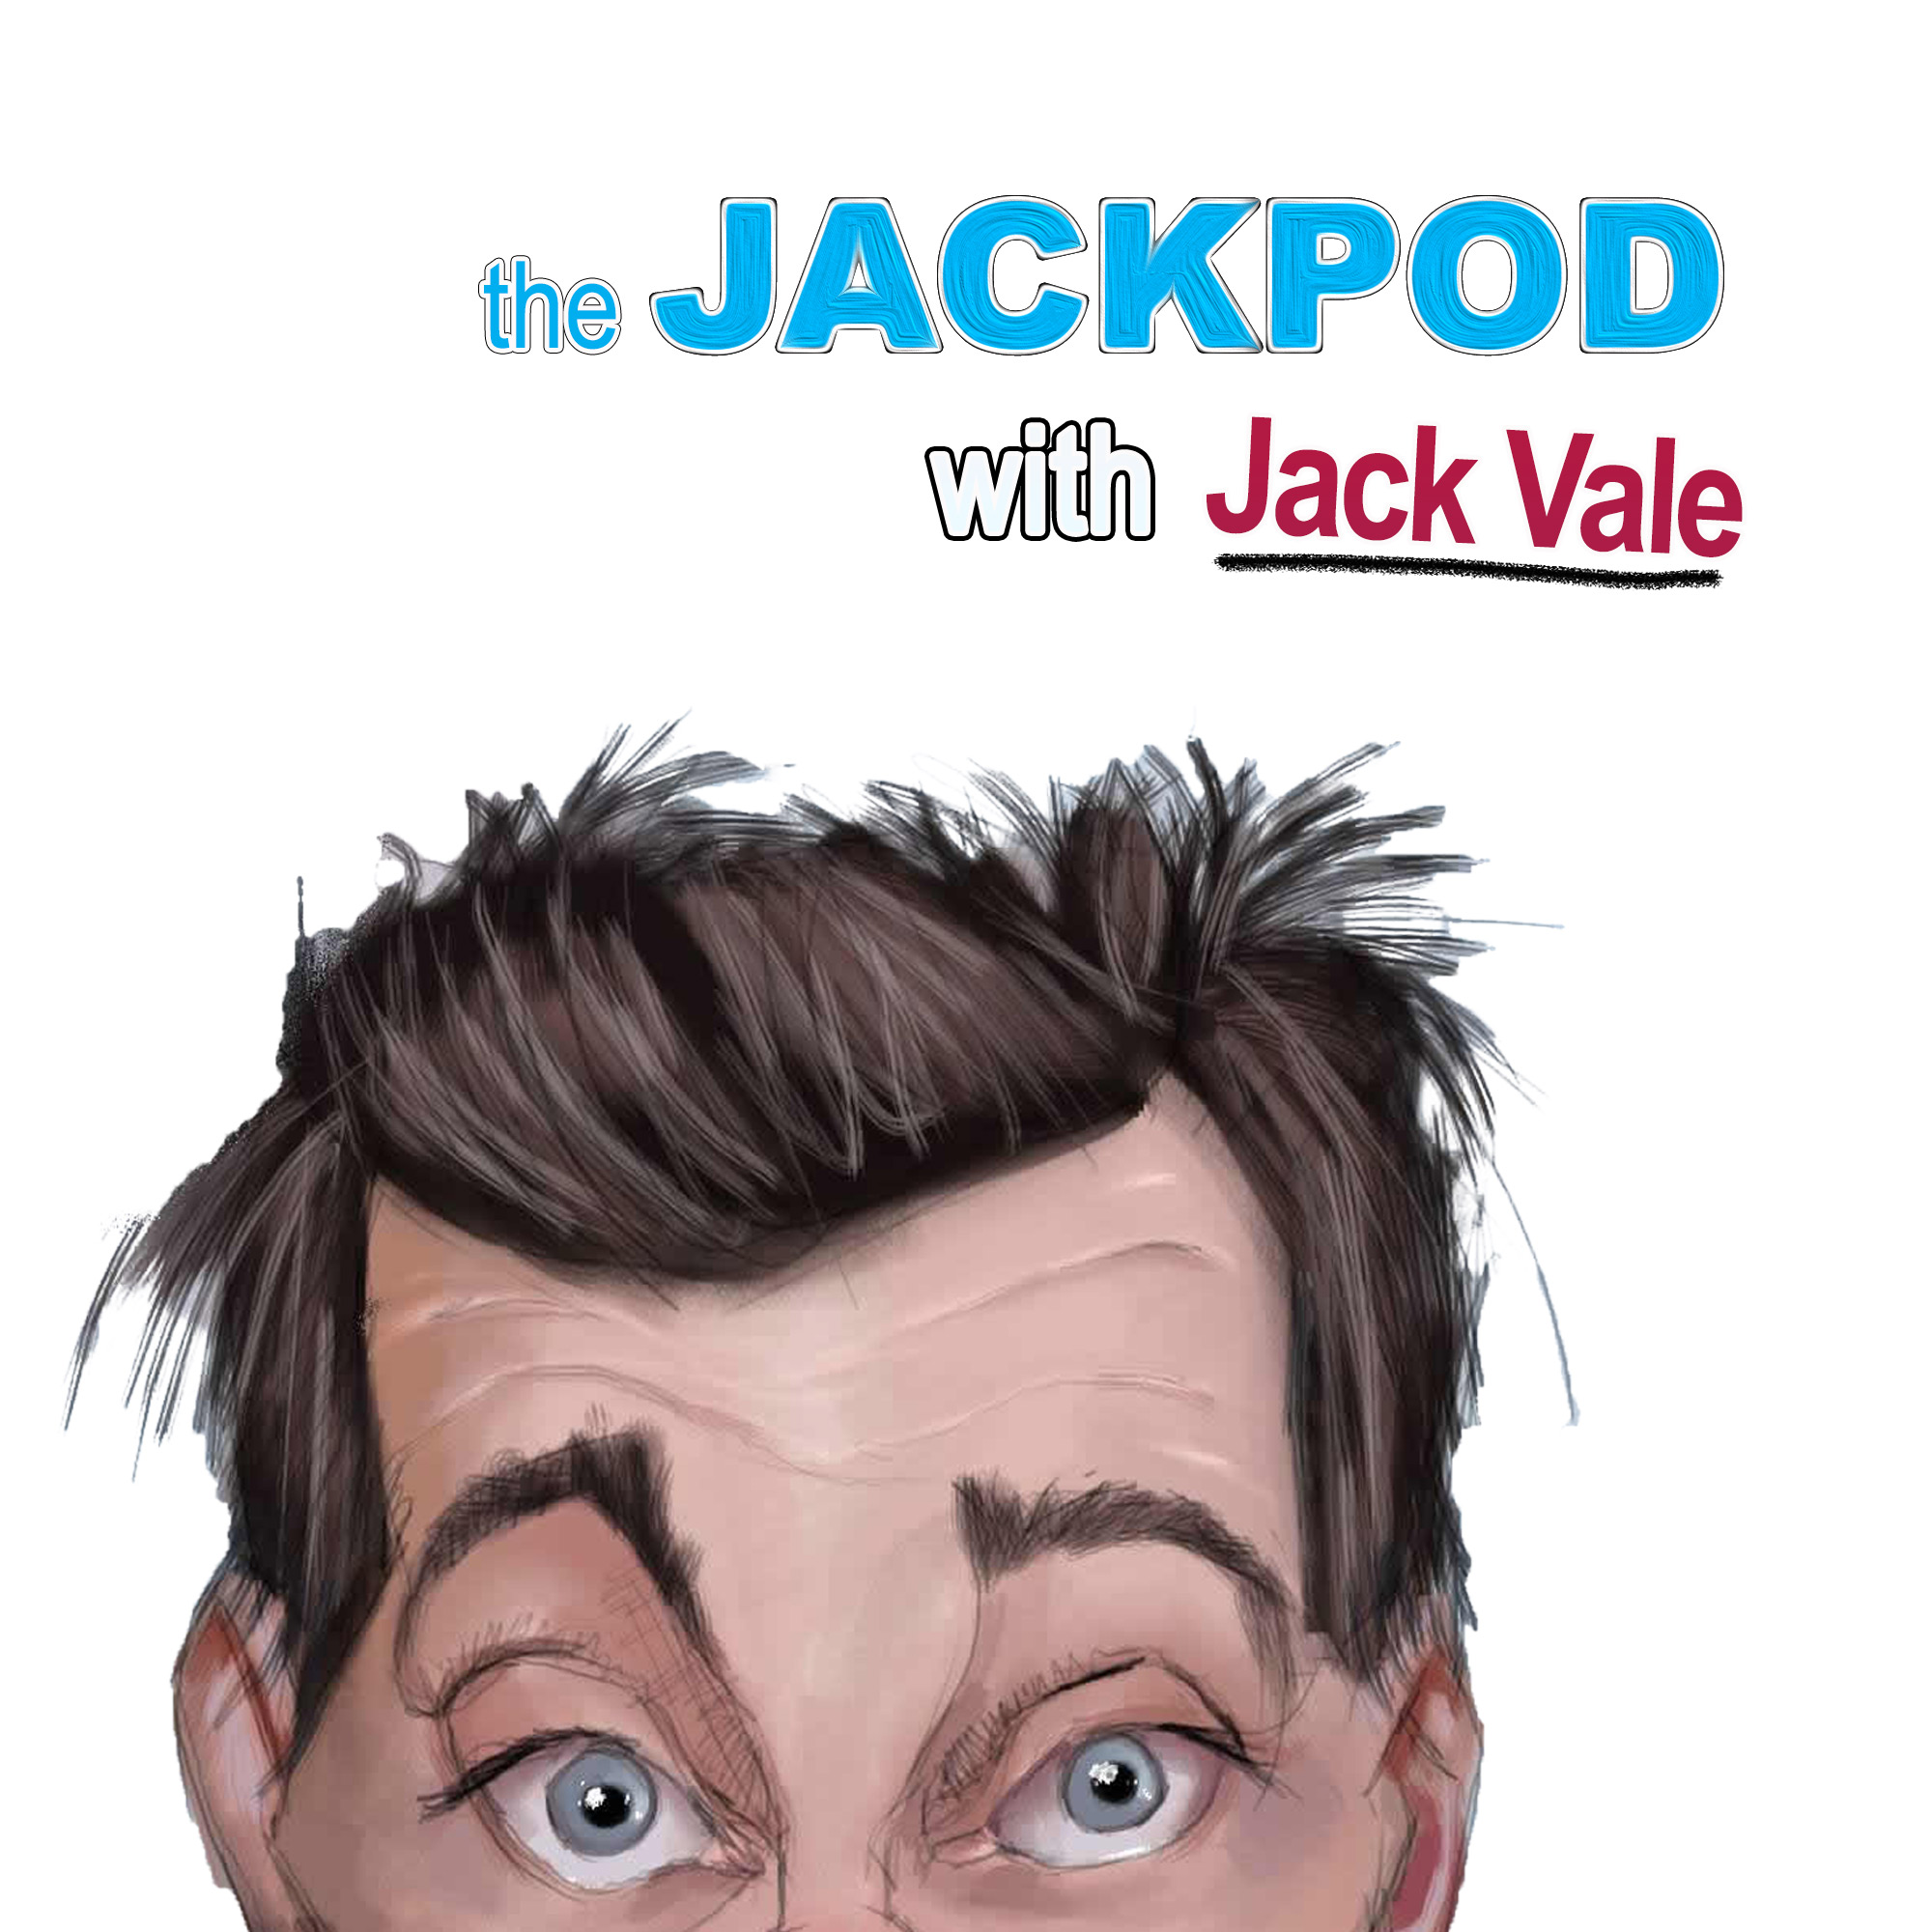 The JackPod show art